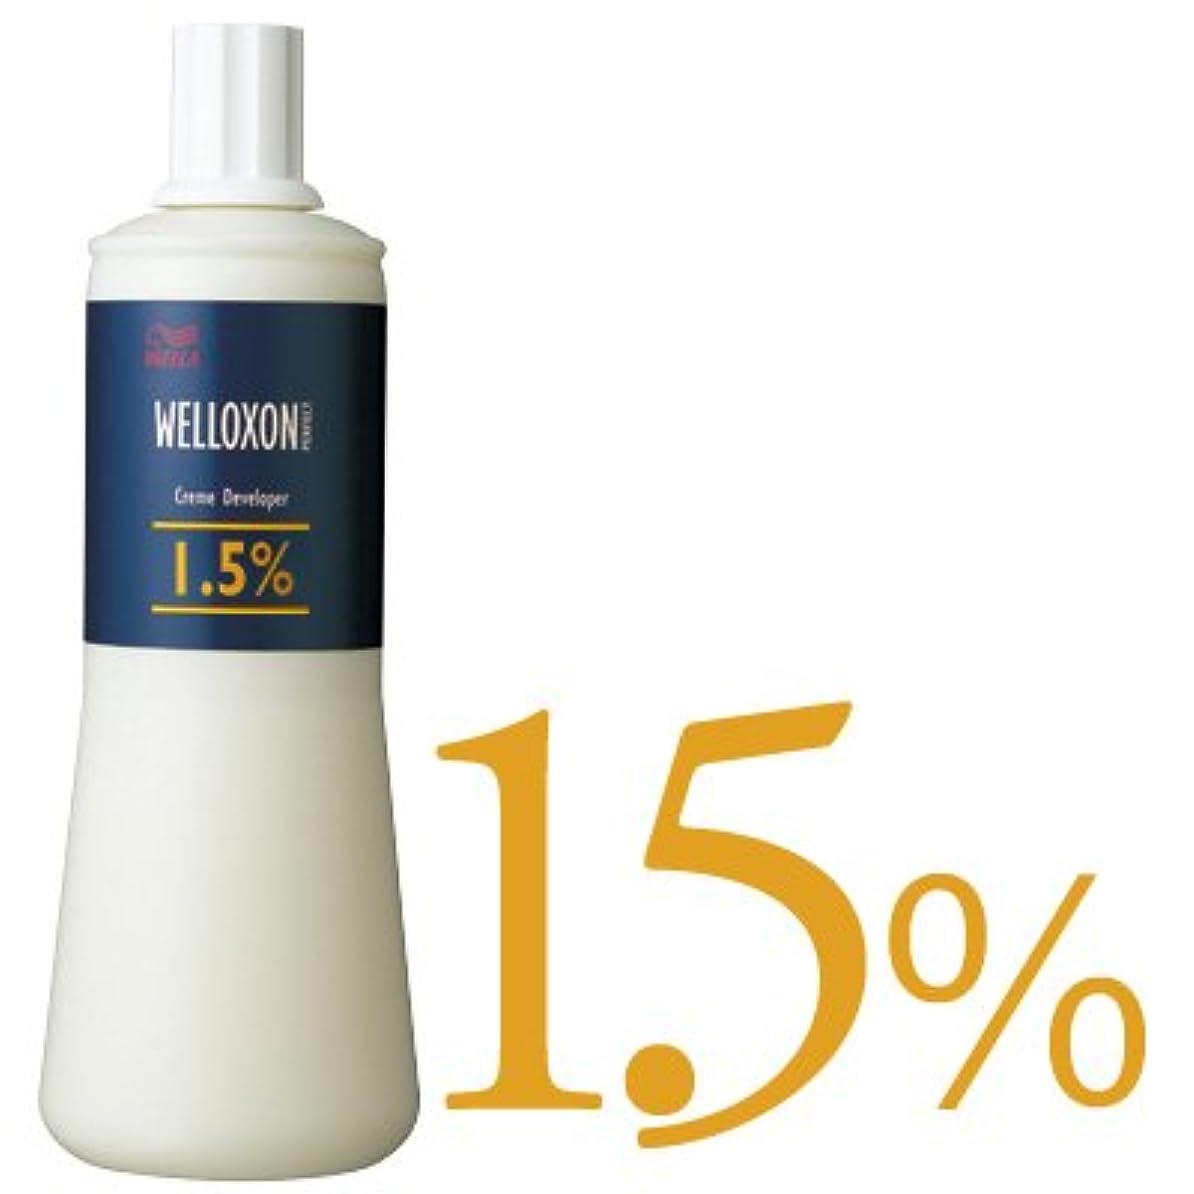 さておき有名な酔うウエラ ウエロキソンパーフェクト 1.5%